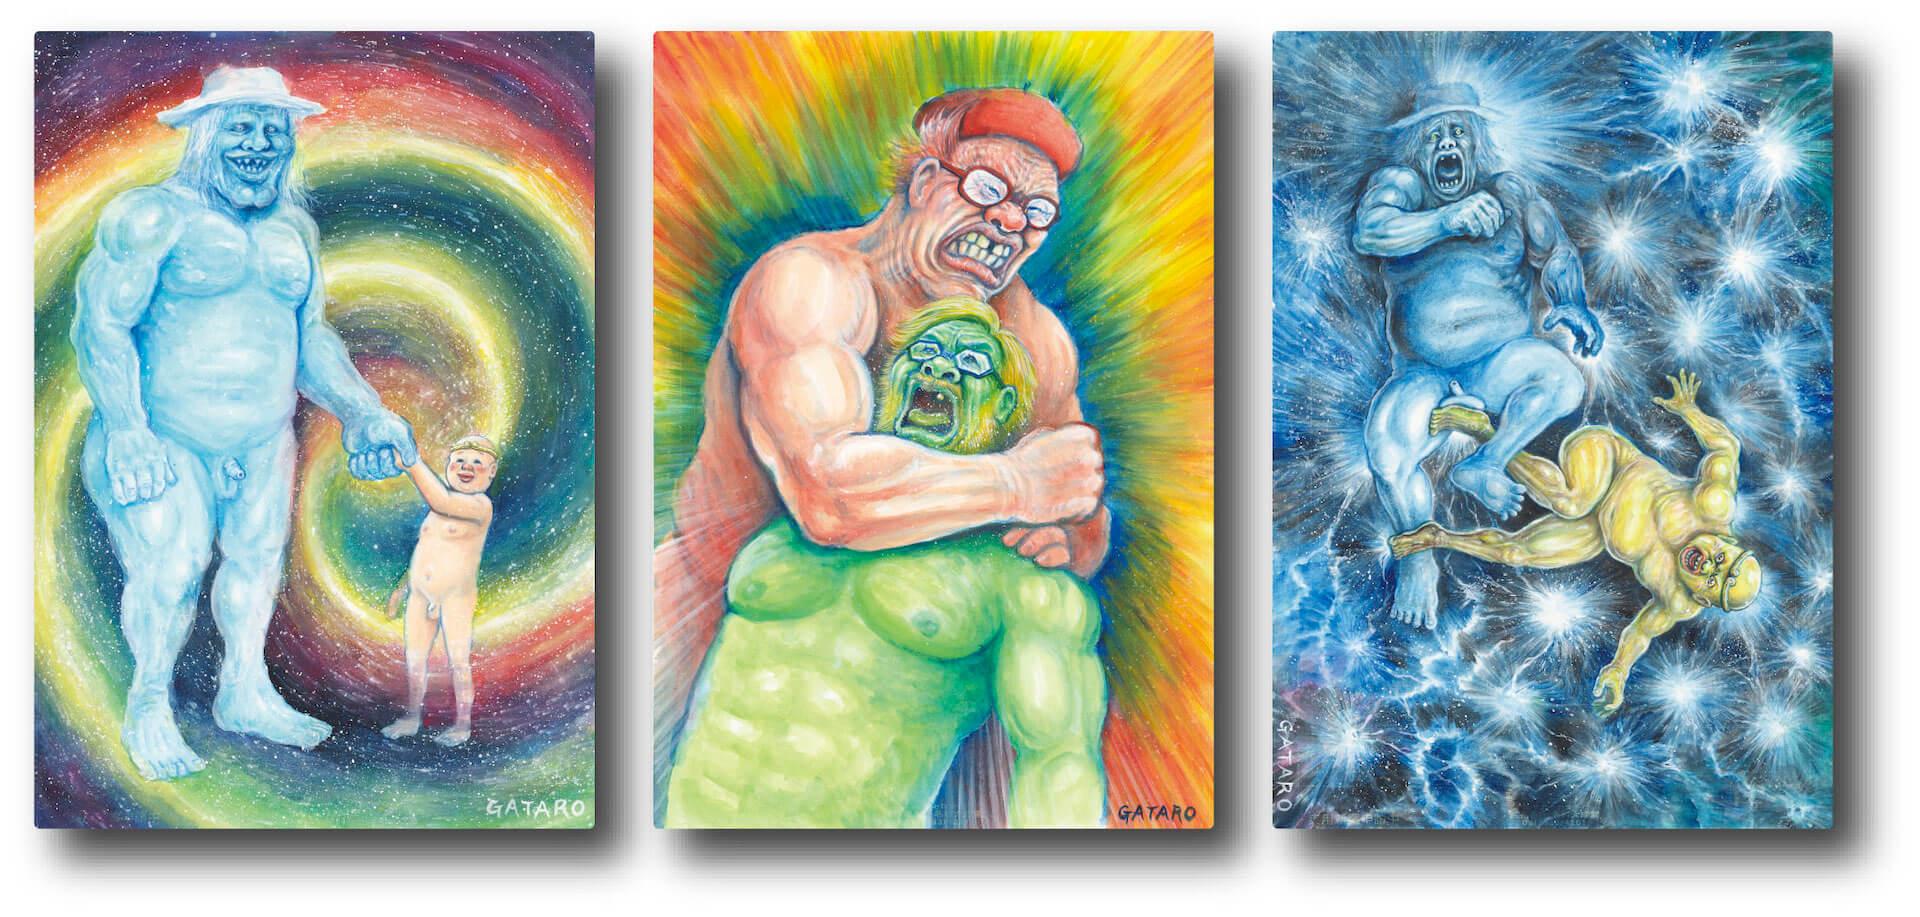 渋谷PARCOで謎の天才画家manksy ☆ gataro没後100年展が開催!記念グッズの販売やAR体験も art_211014_parco-07